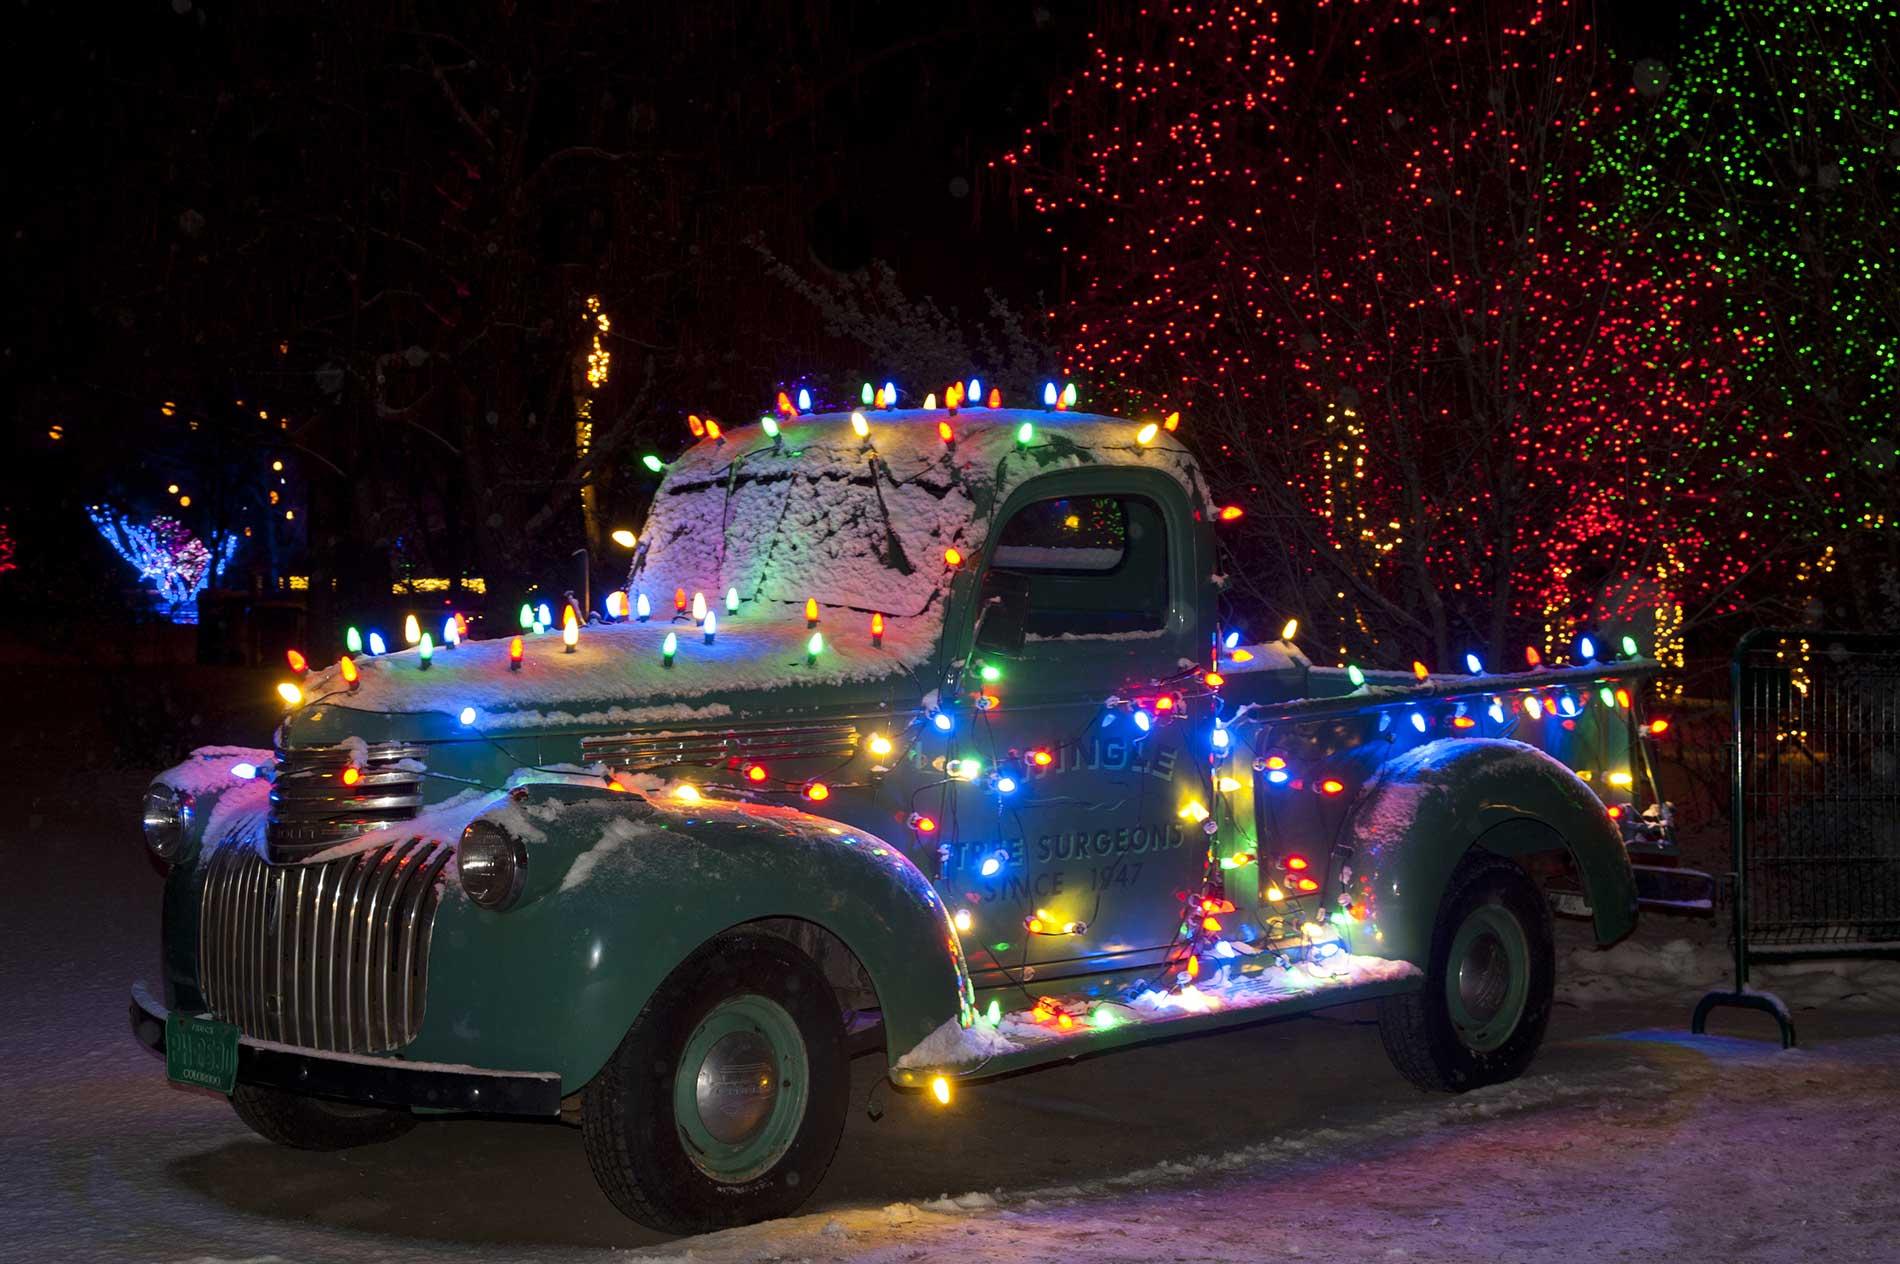 christmasblog-image